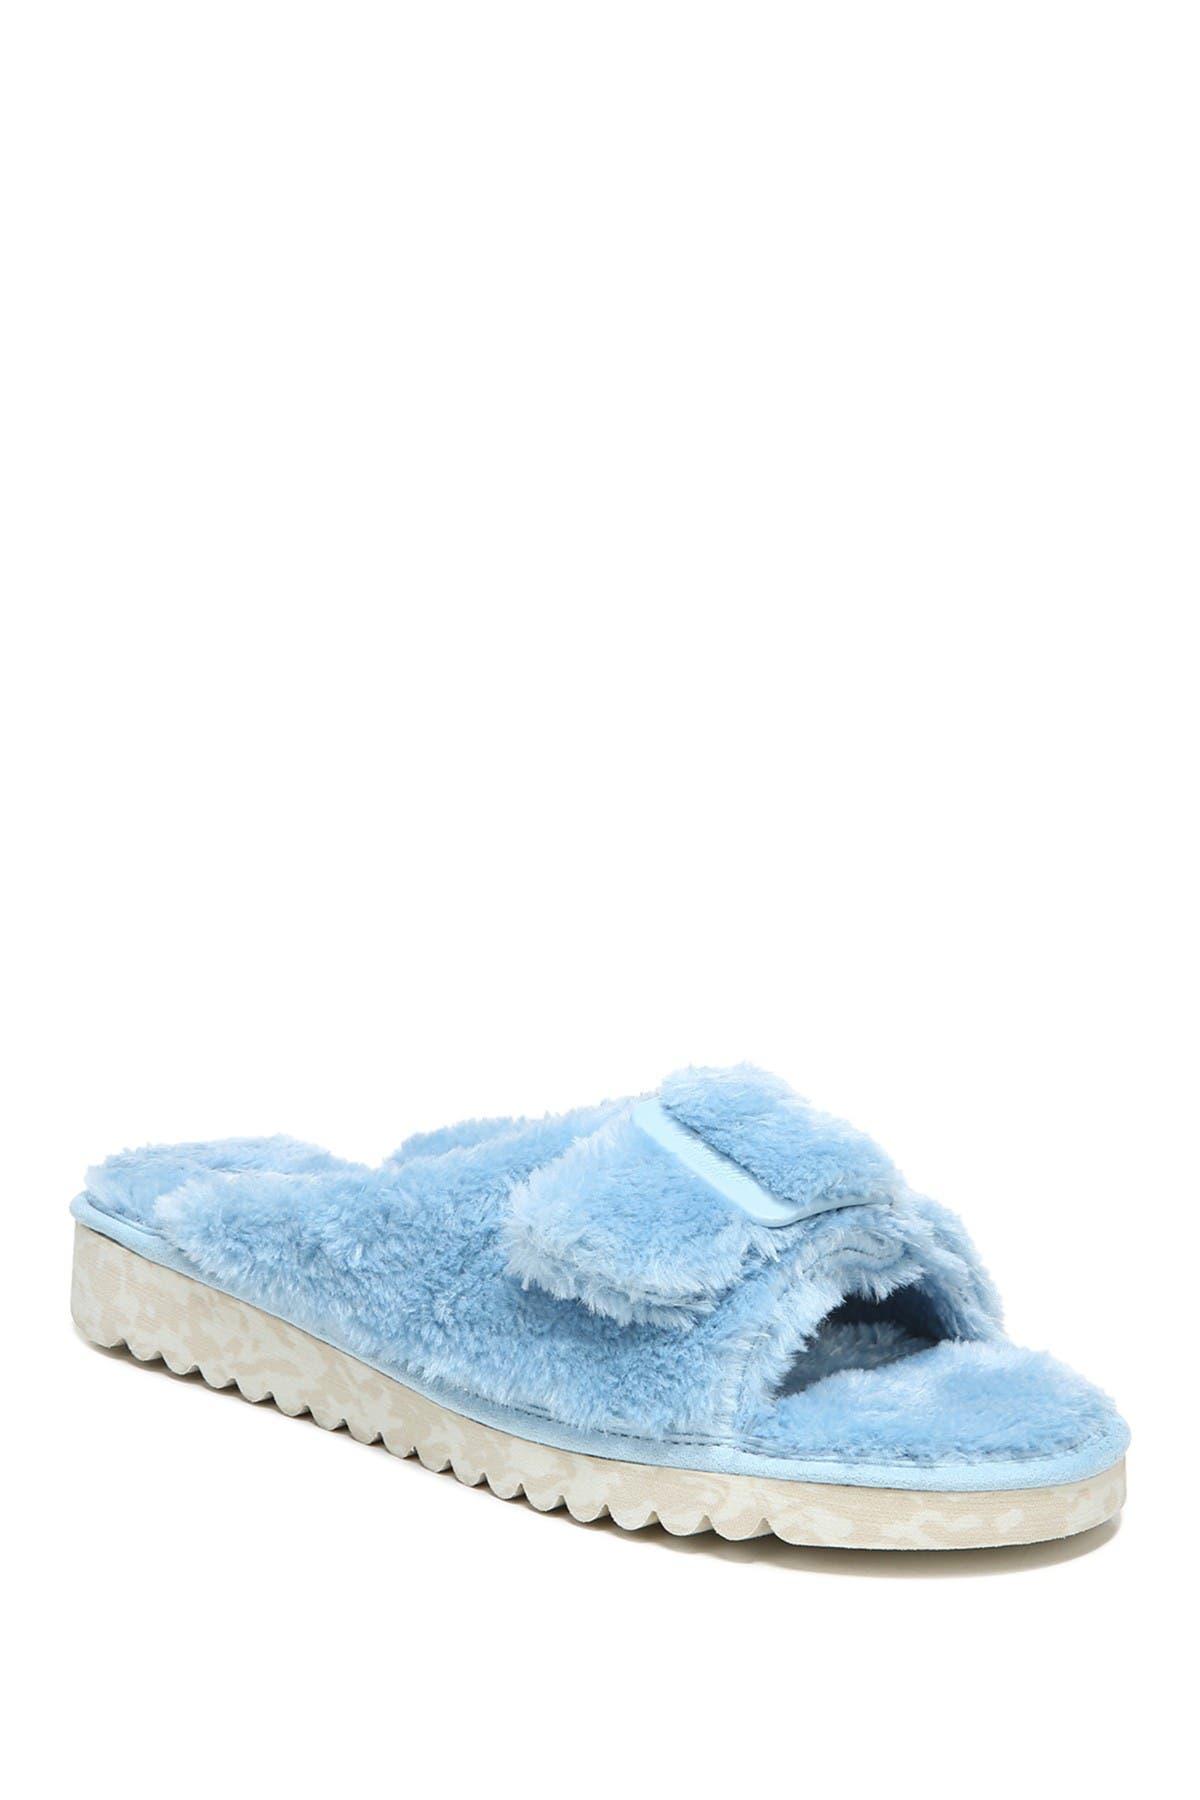 Dr. Scholl's Staycay Og Faux Fur Buckle Slide Sandal In Blue